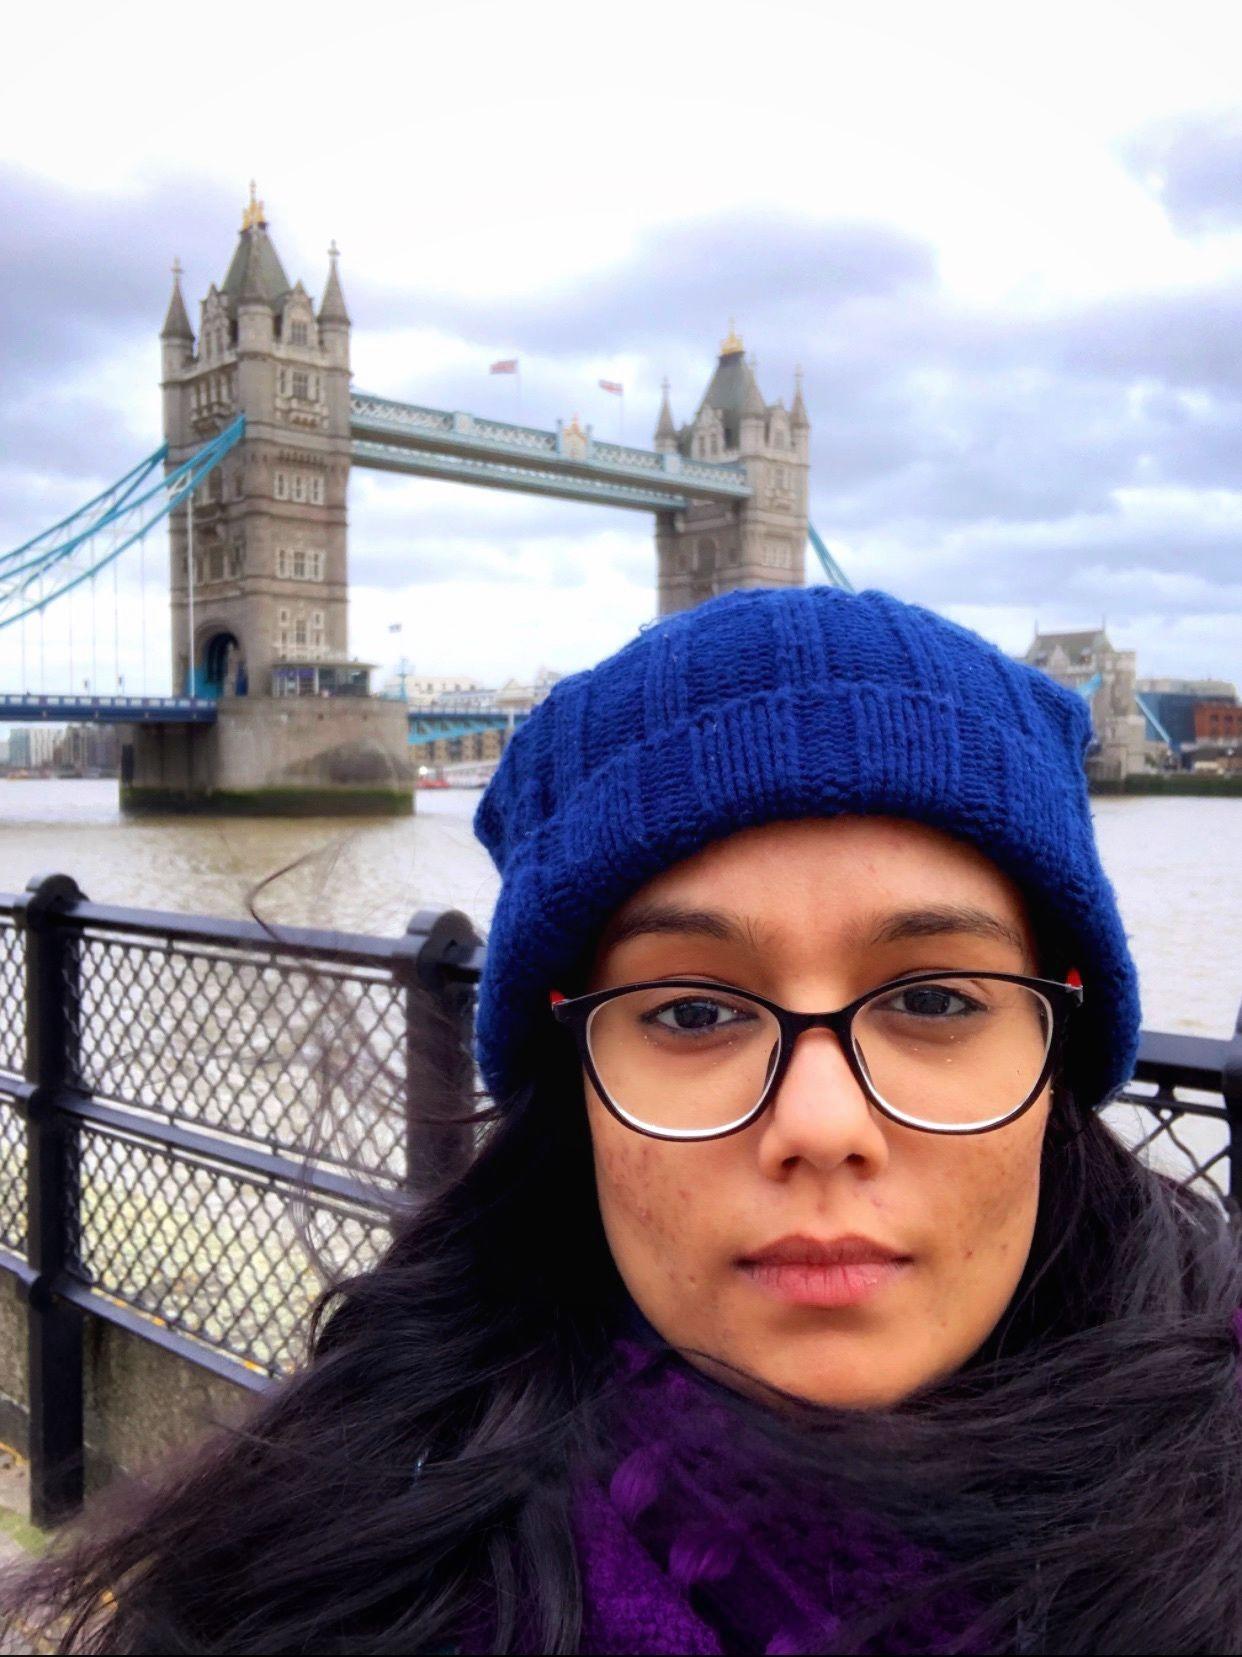 Photo of London By Shatakshi Awasthi